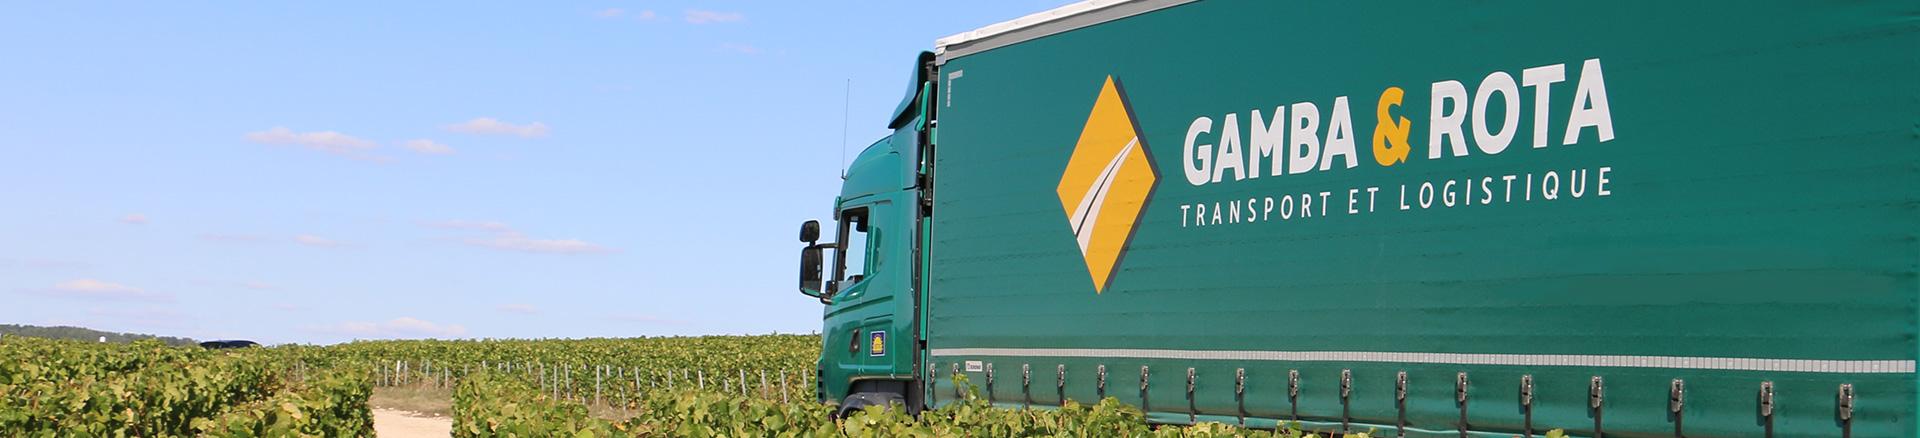 logistique-des-vins-banniere-transport